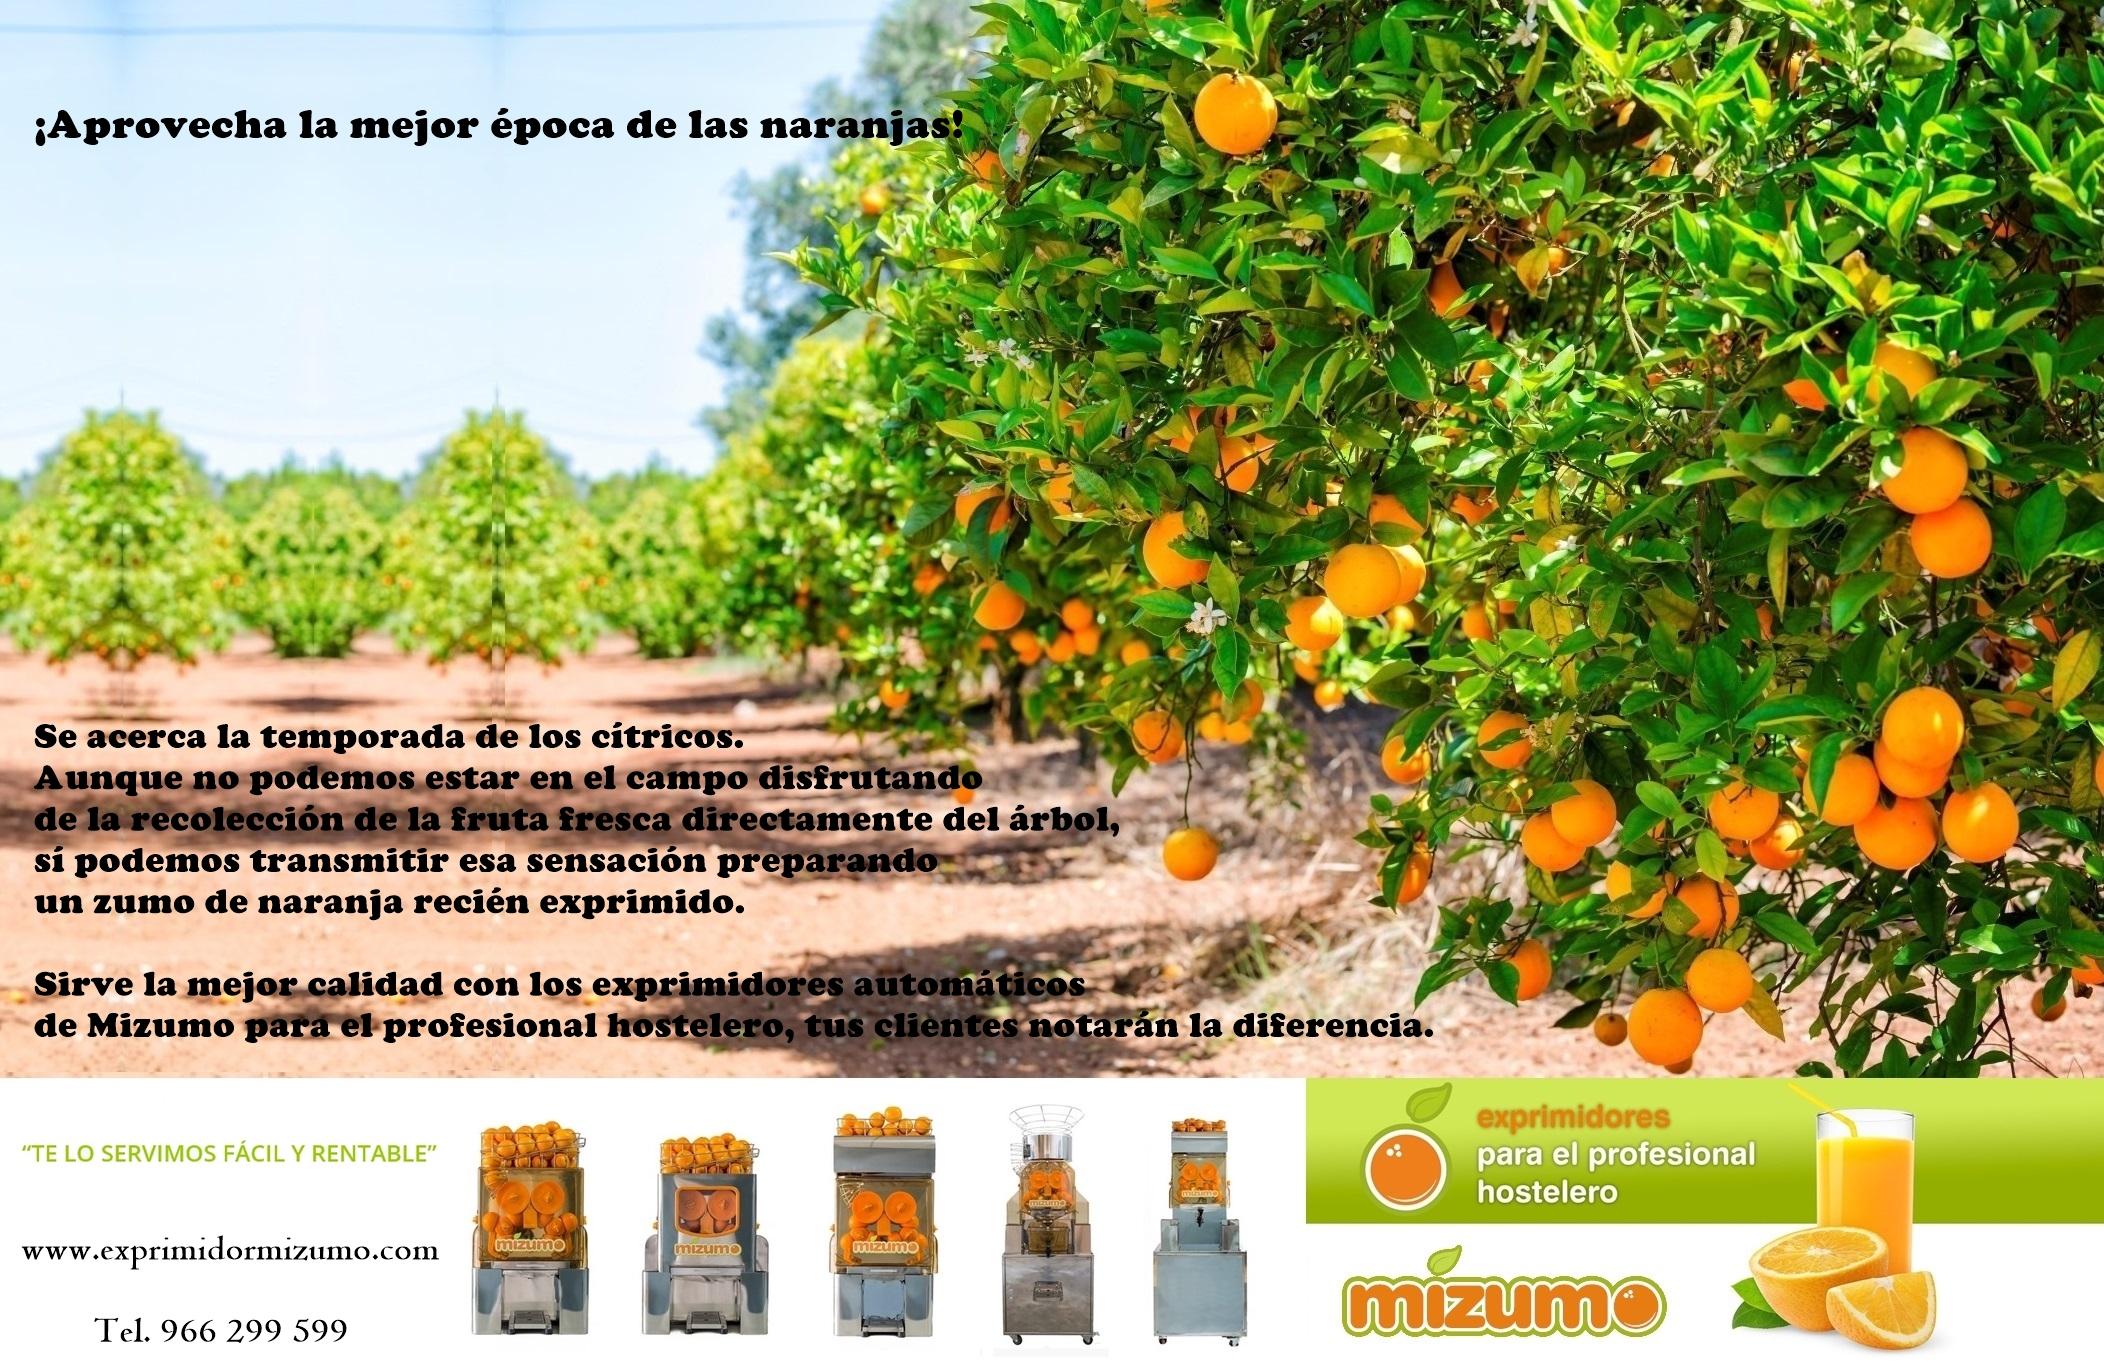 La mejor época de las naranjas